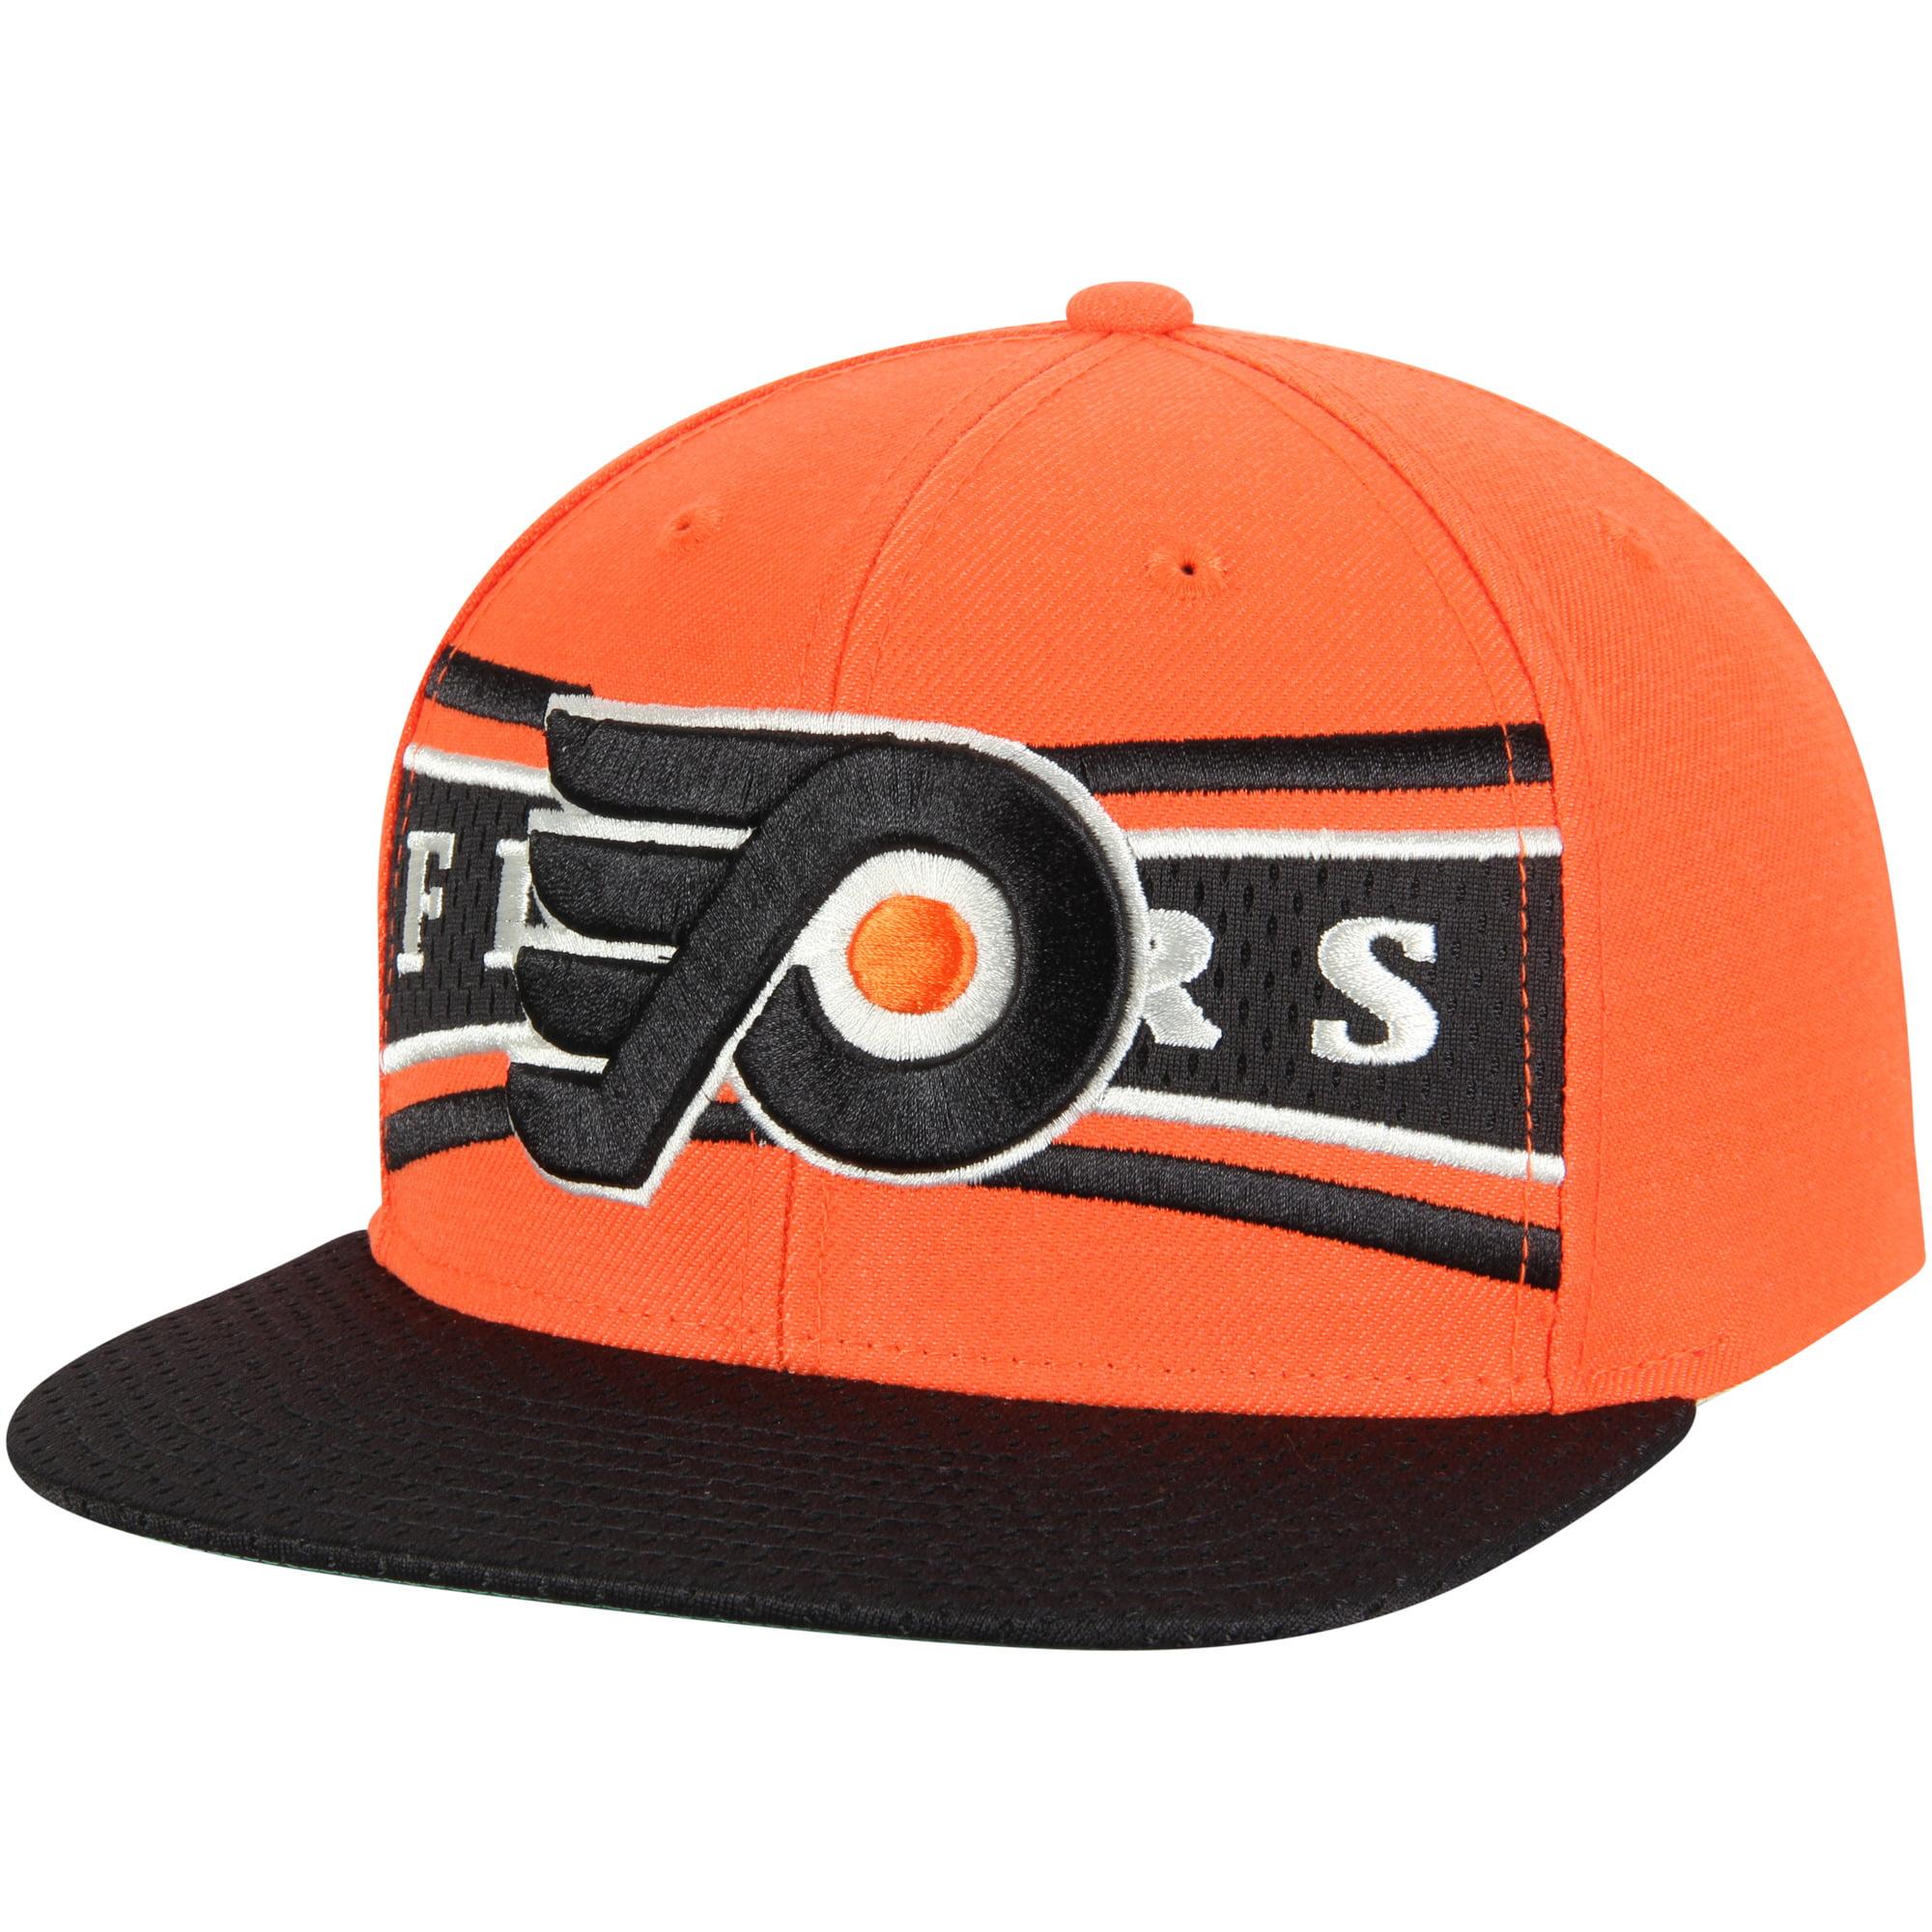 Philadelphia Flyers CCM Team Color Snapback Adjustable Hat - Orange - OSFA